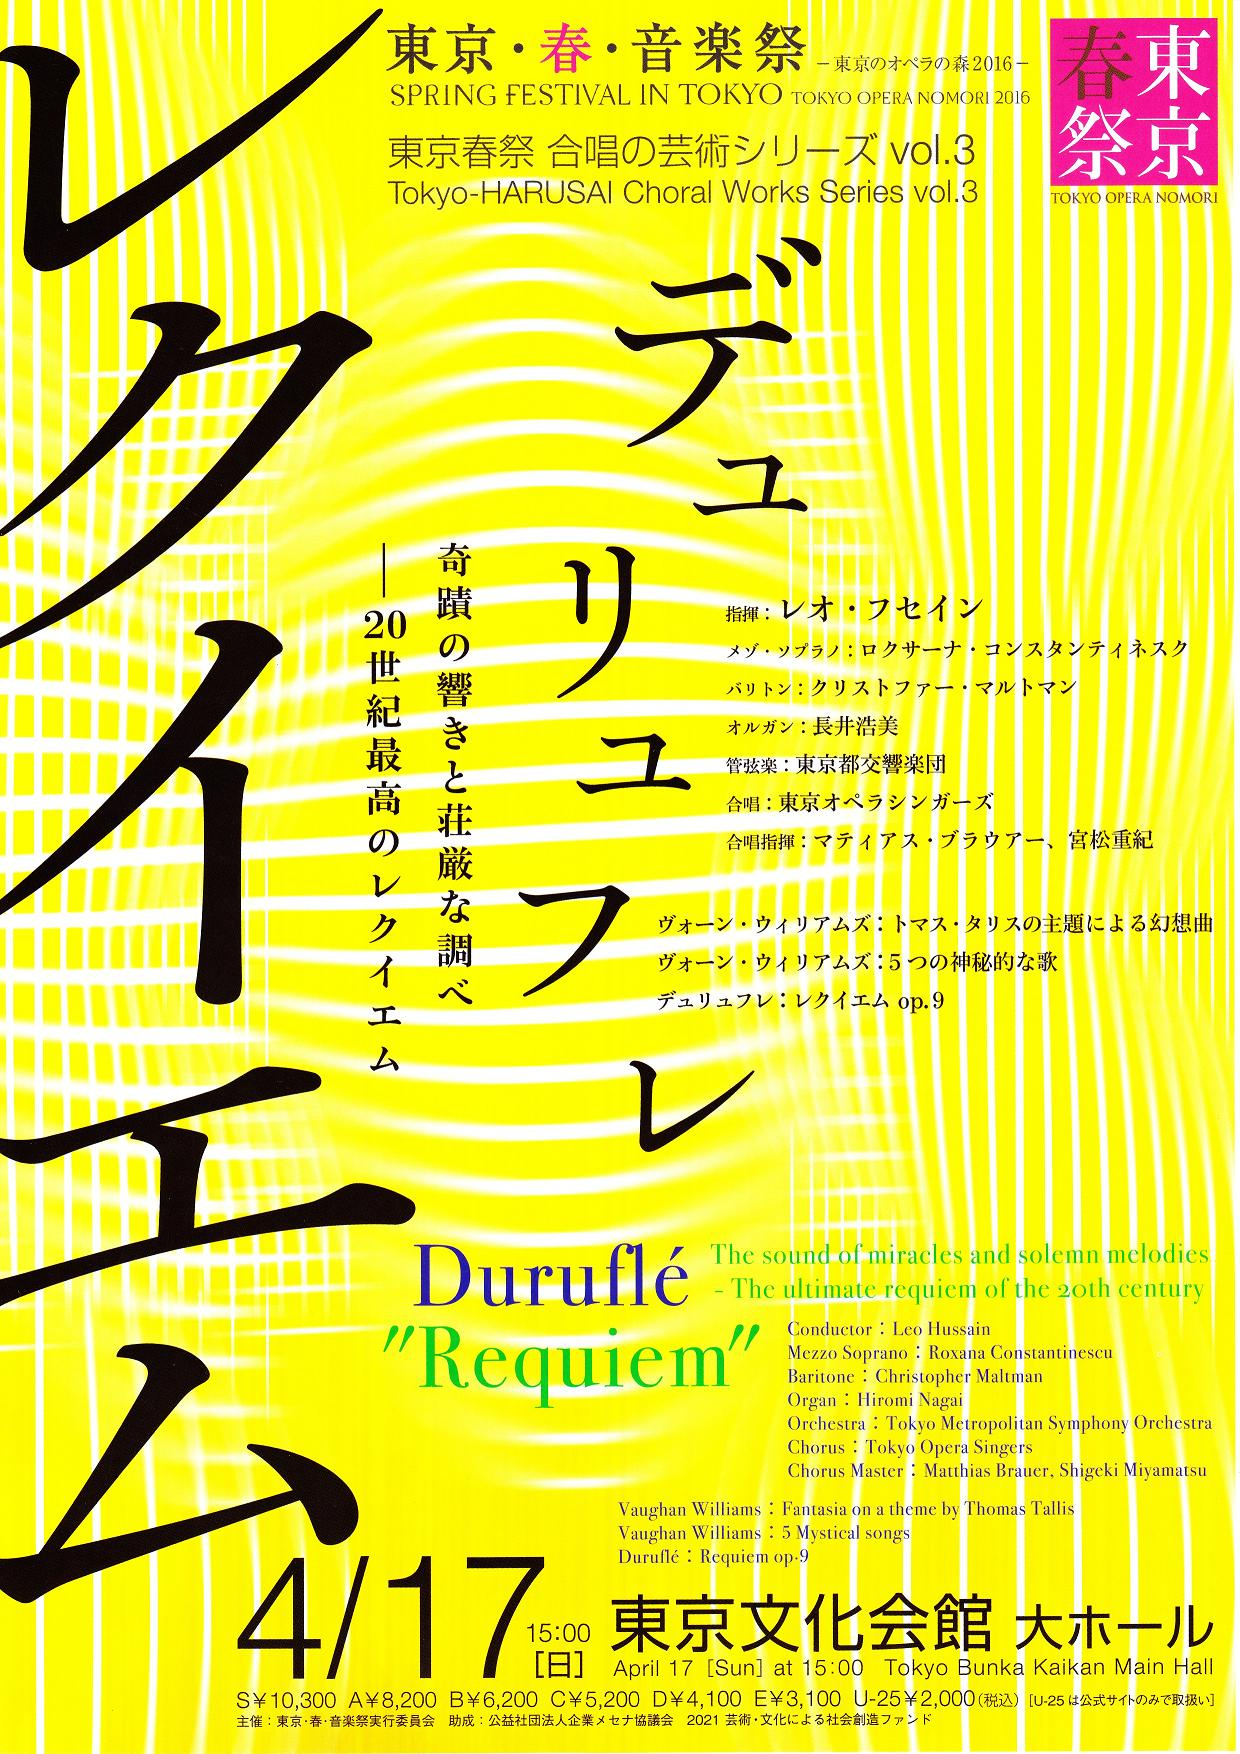 東京春祭 合唱の芸術シリーズ vol.3 デュリュフレ レクイエム